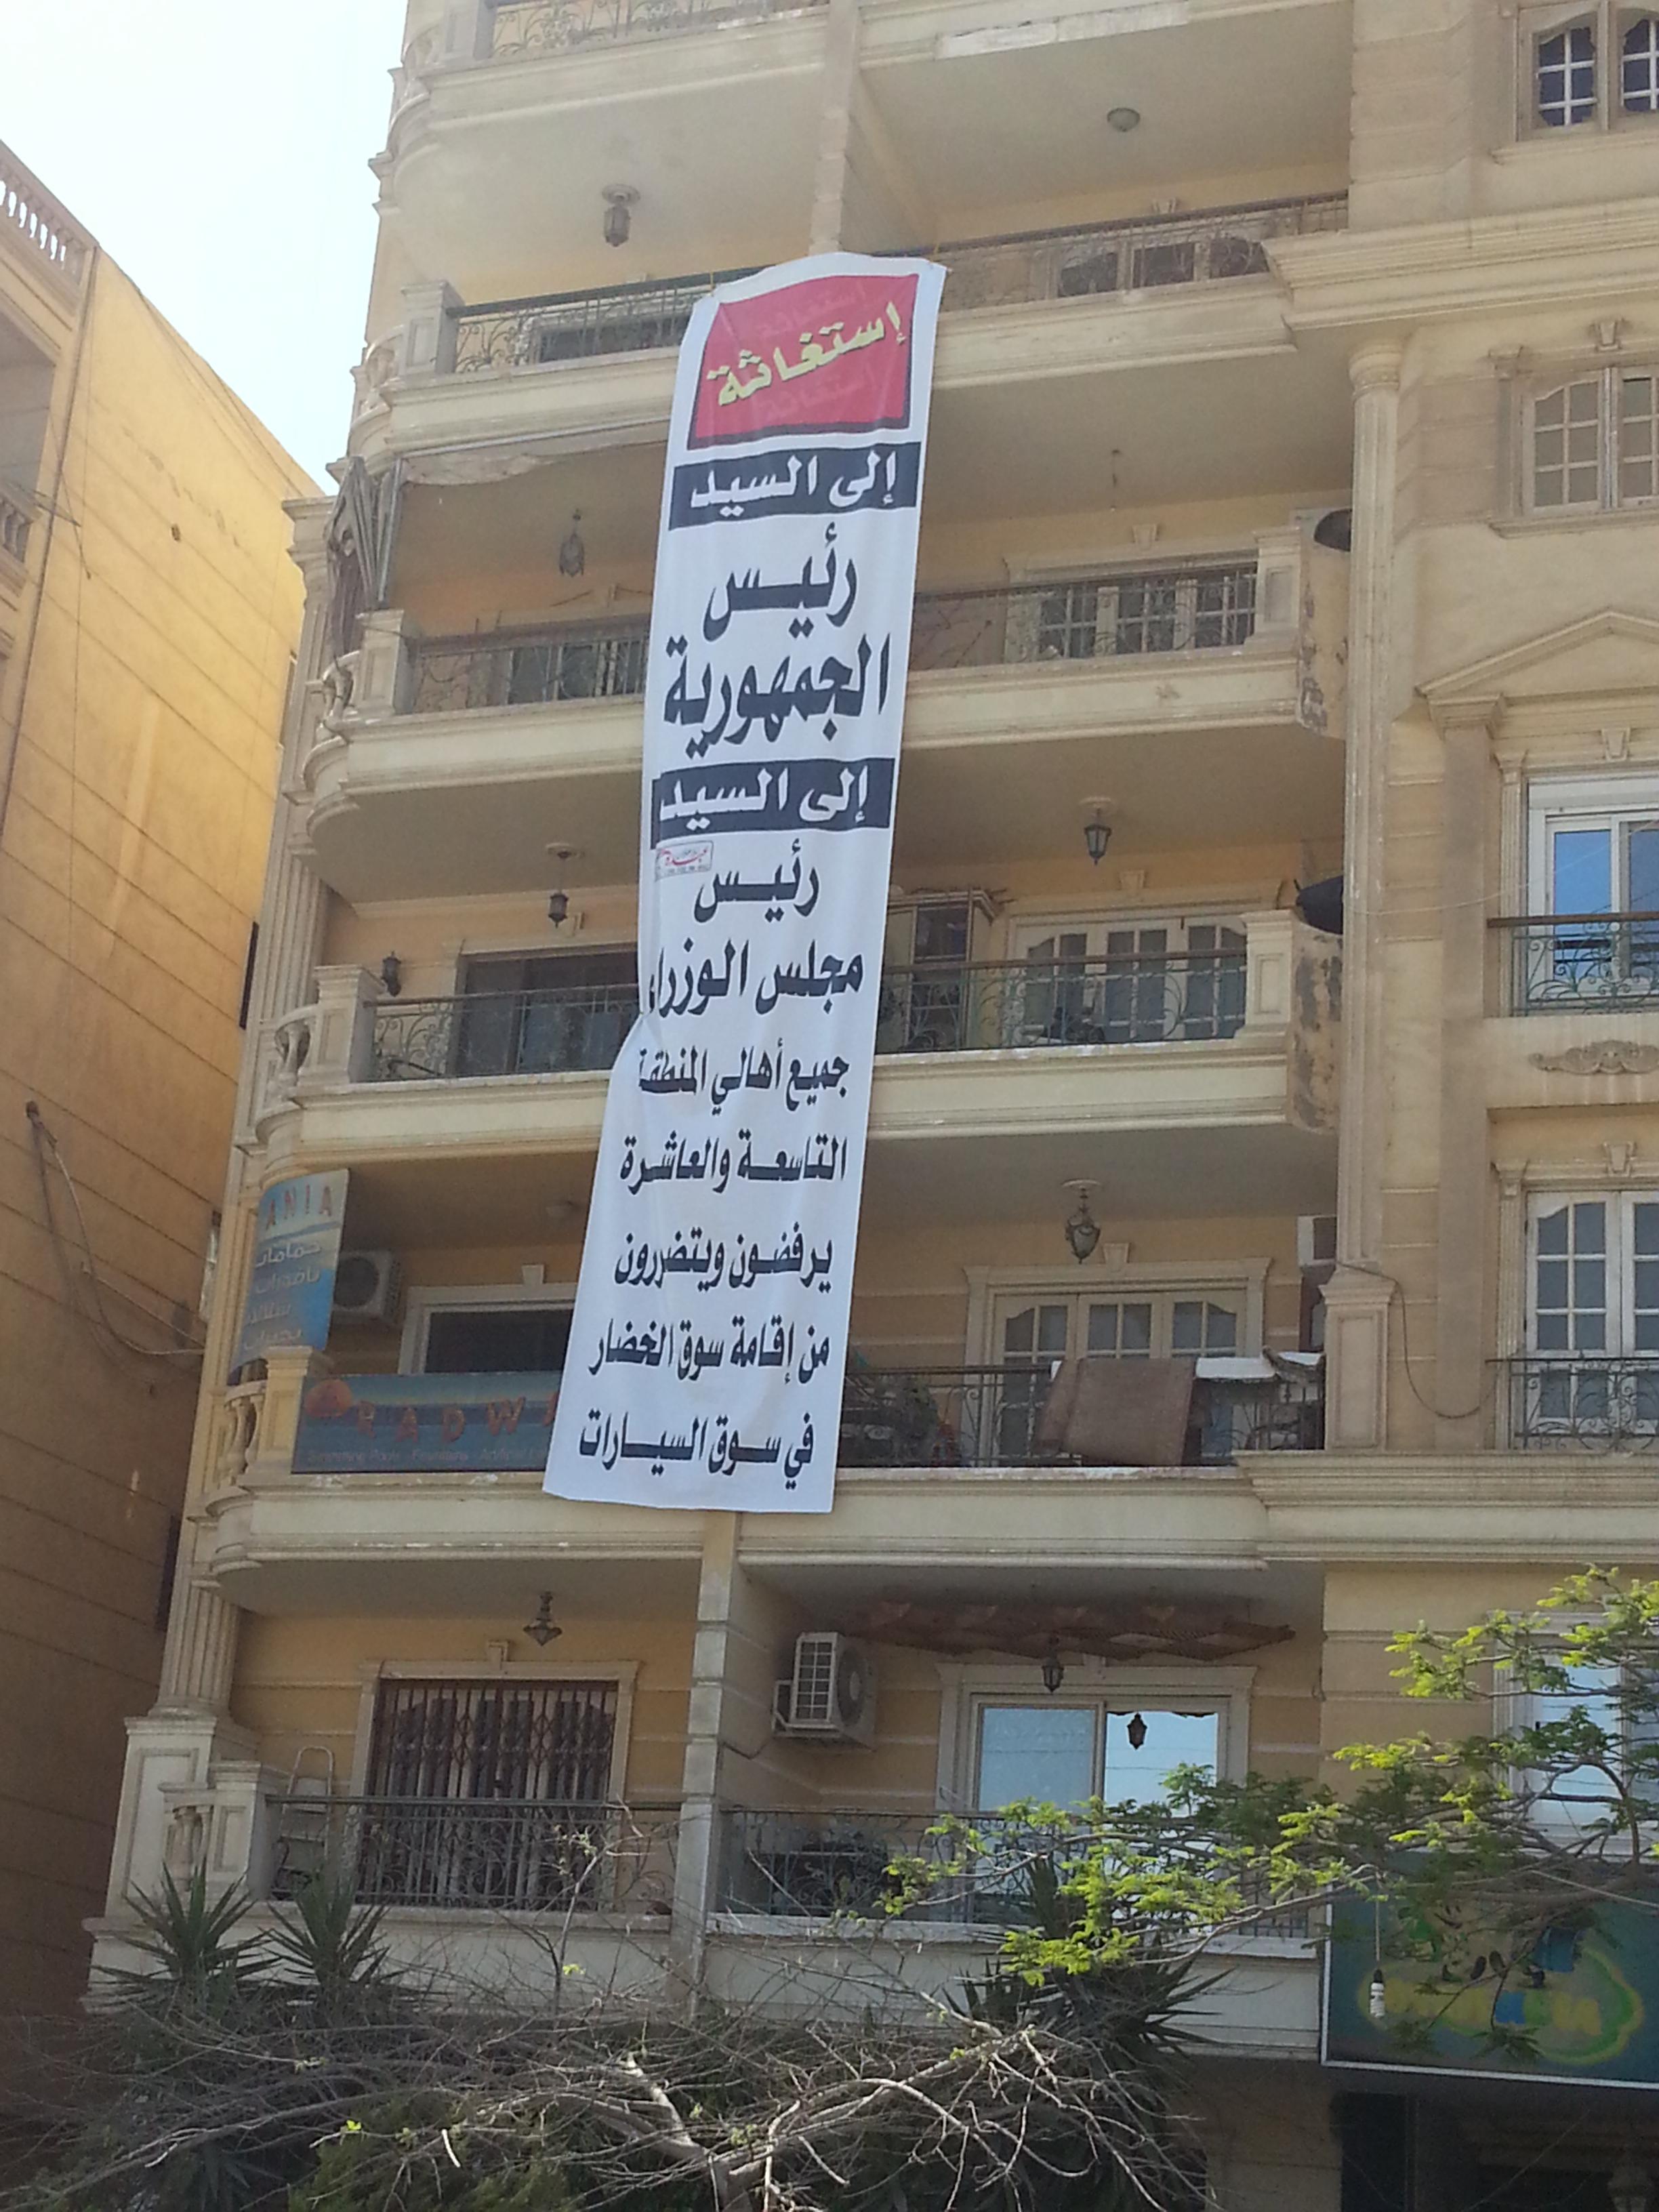 سكان شارع السد يرفضون سوق الخضار بمدينة نصر